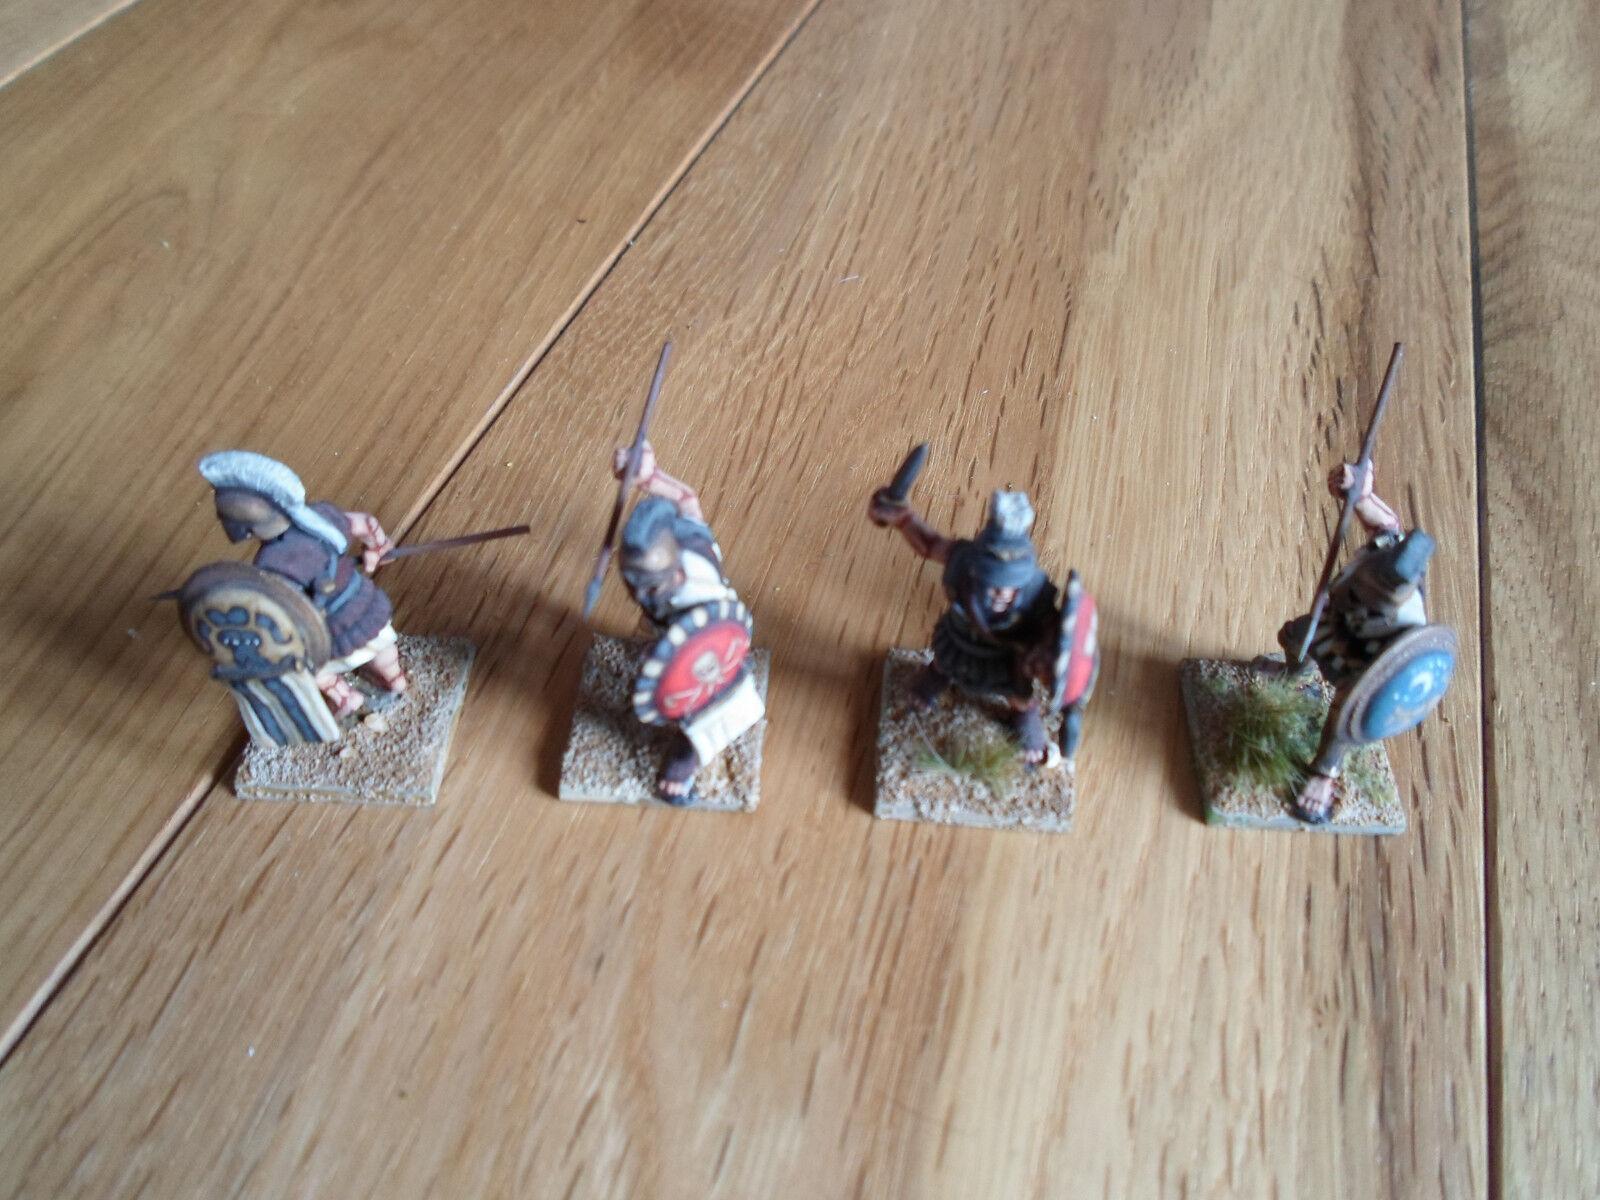 Greek Heroes Warriors Pro-Painted 4 Miniatures